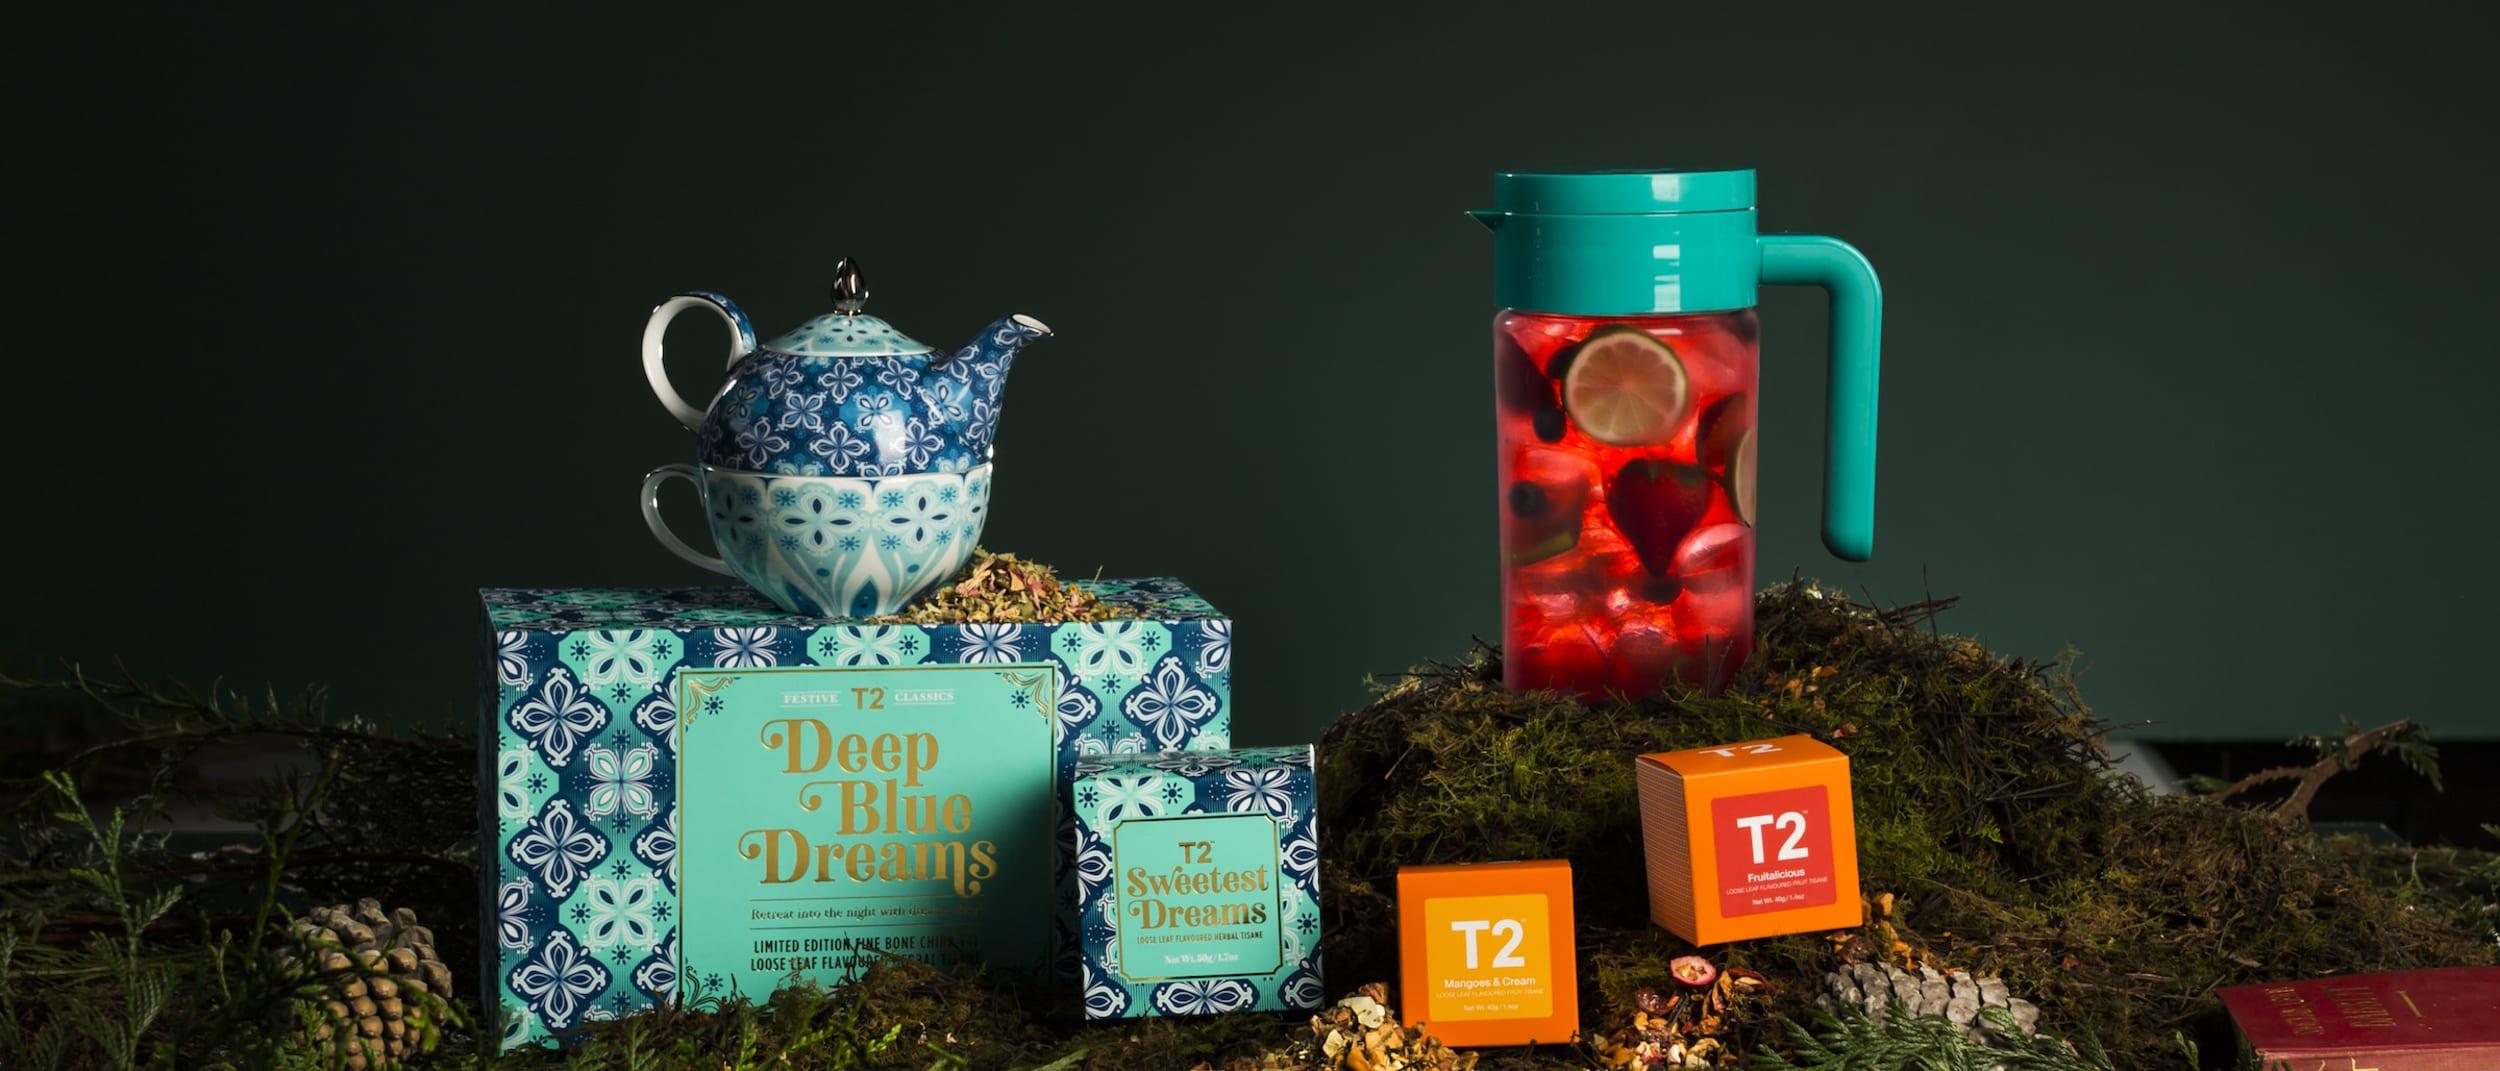 T2: Christmas gifting